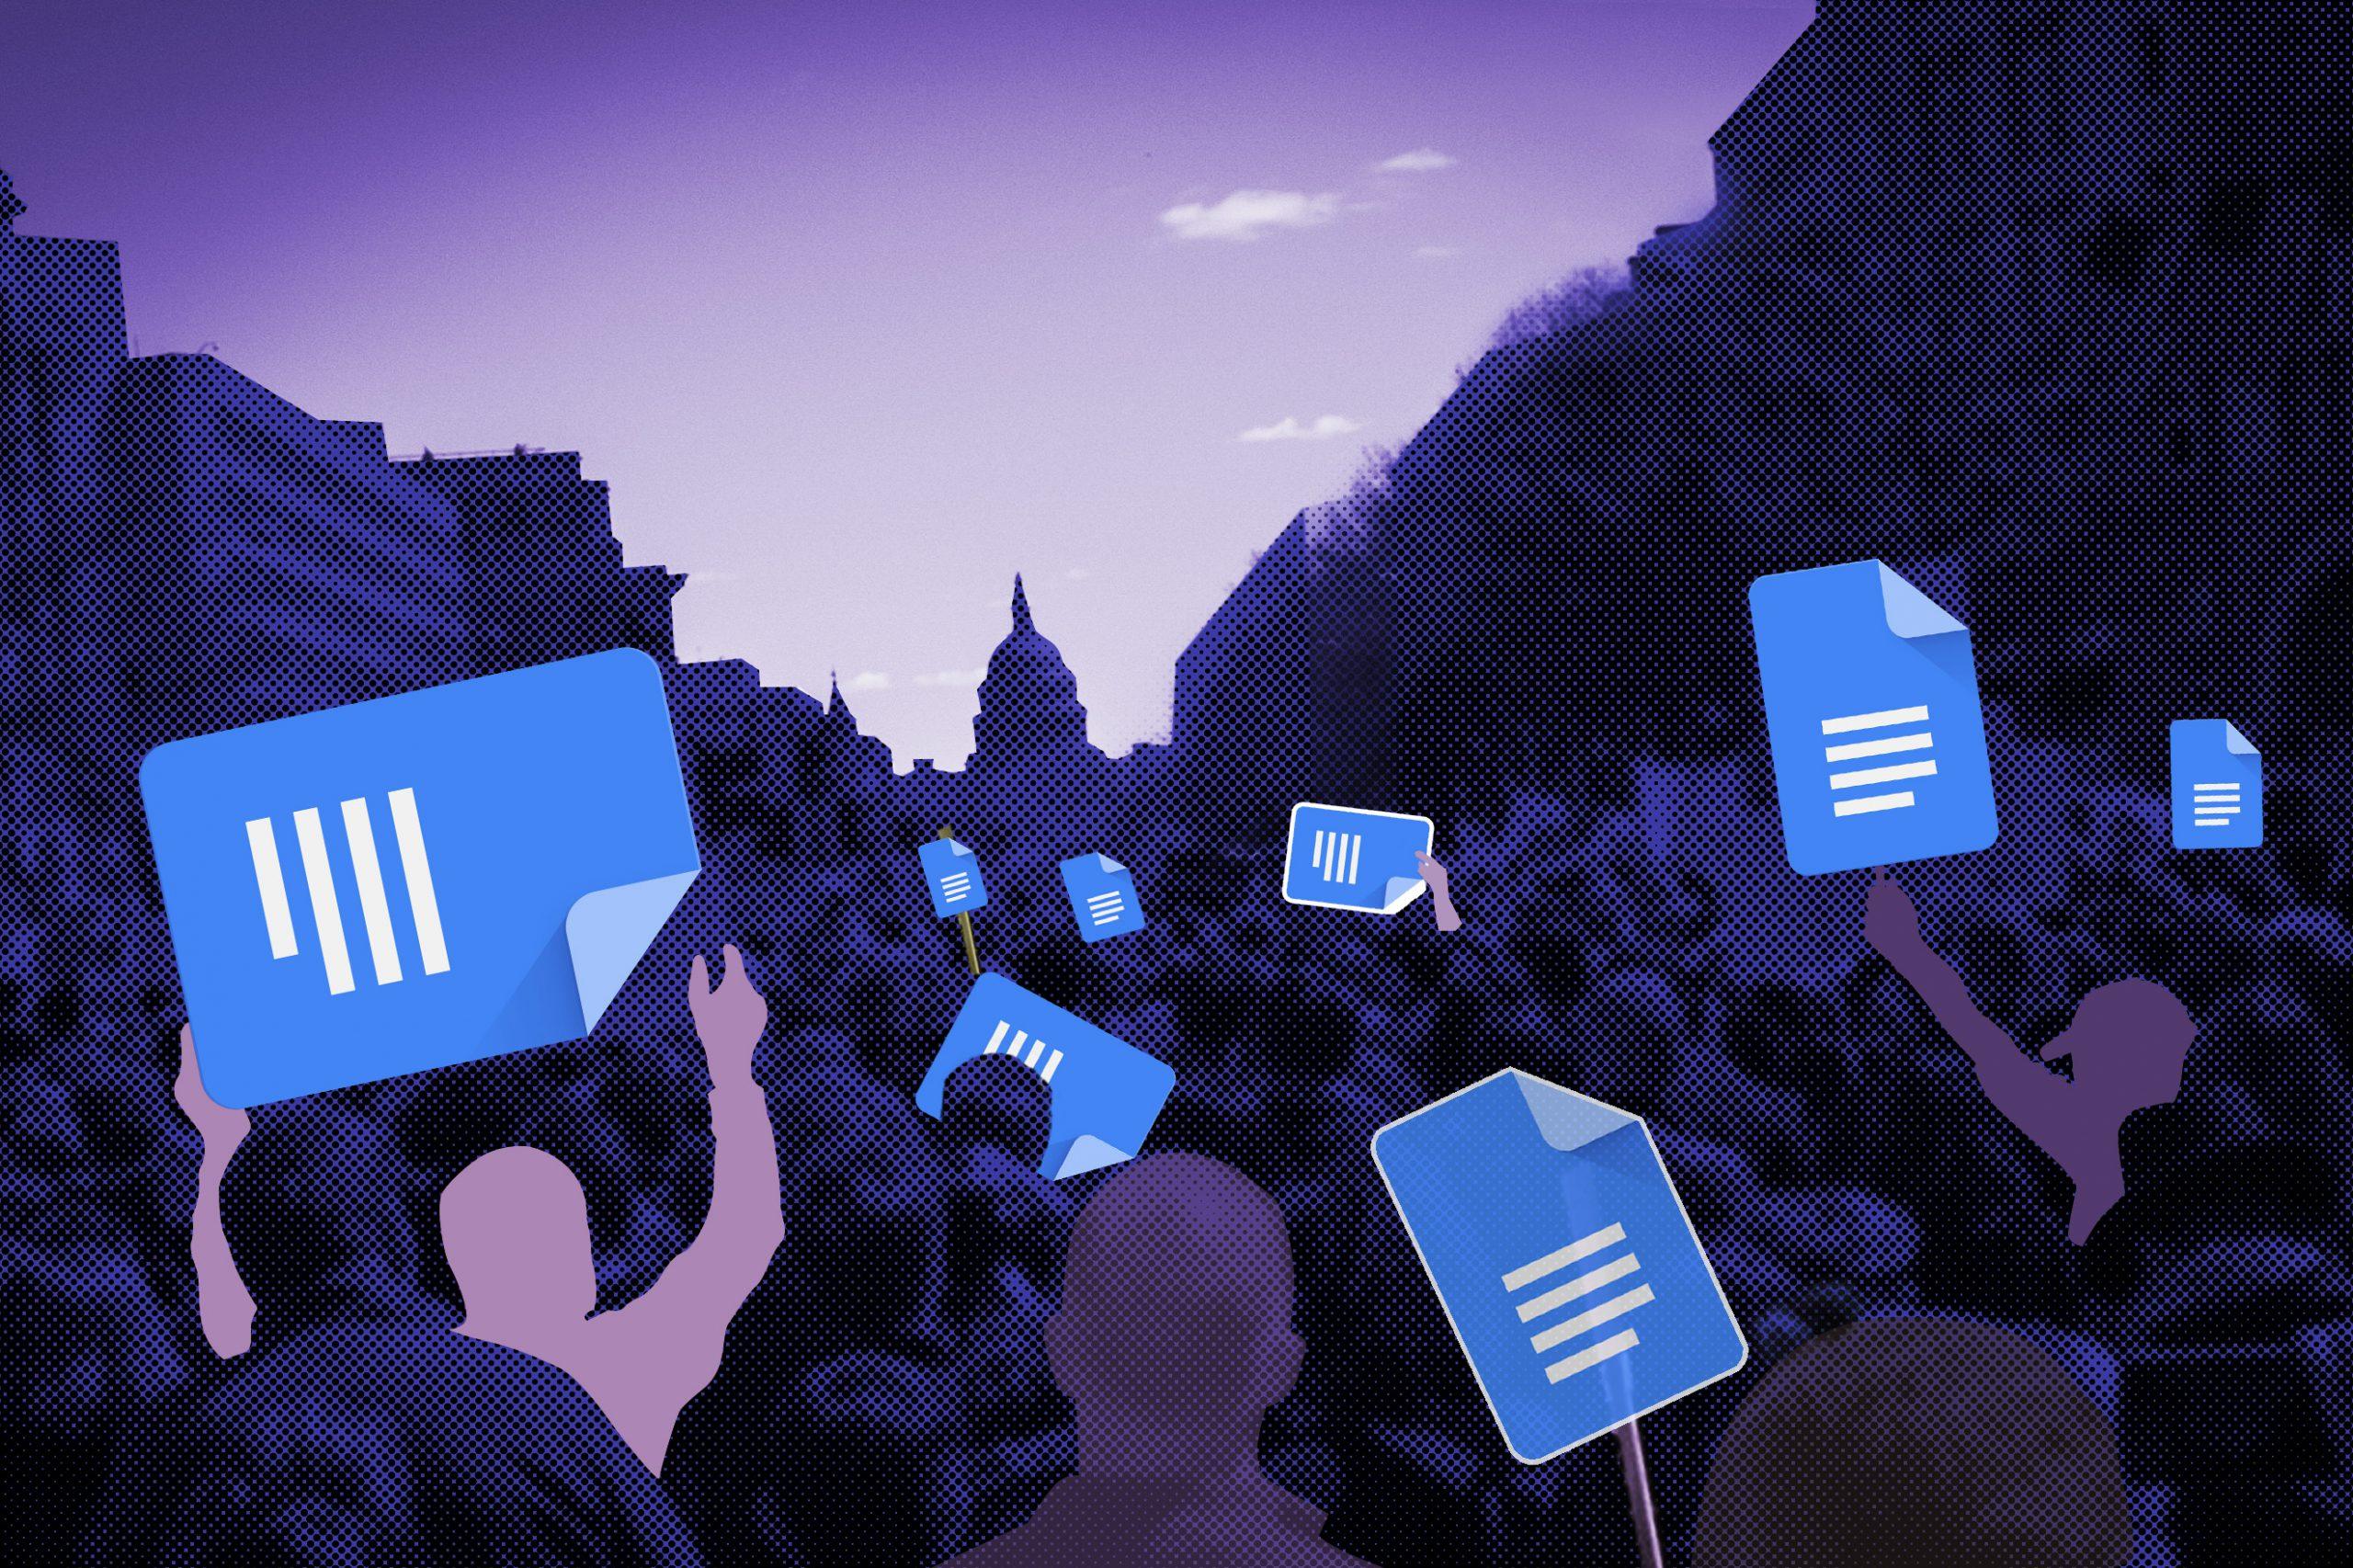 グーグル・ドキュメントが ソーシャルメディア化 抗議運動でなぜ使われたか